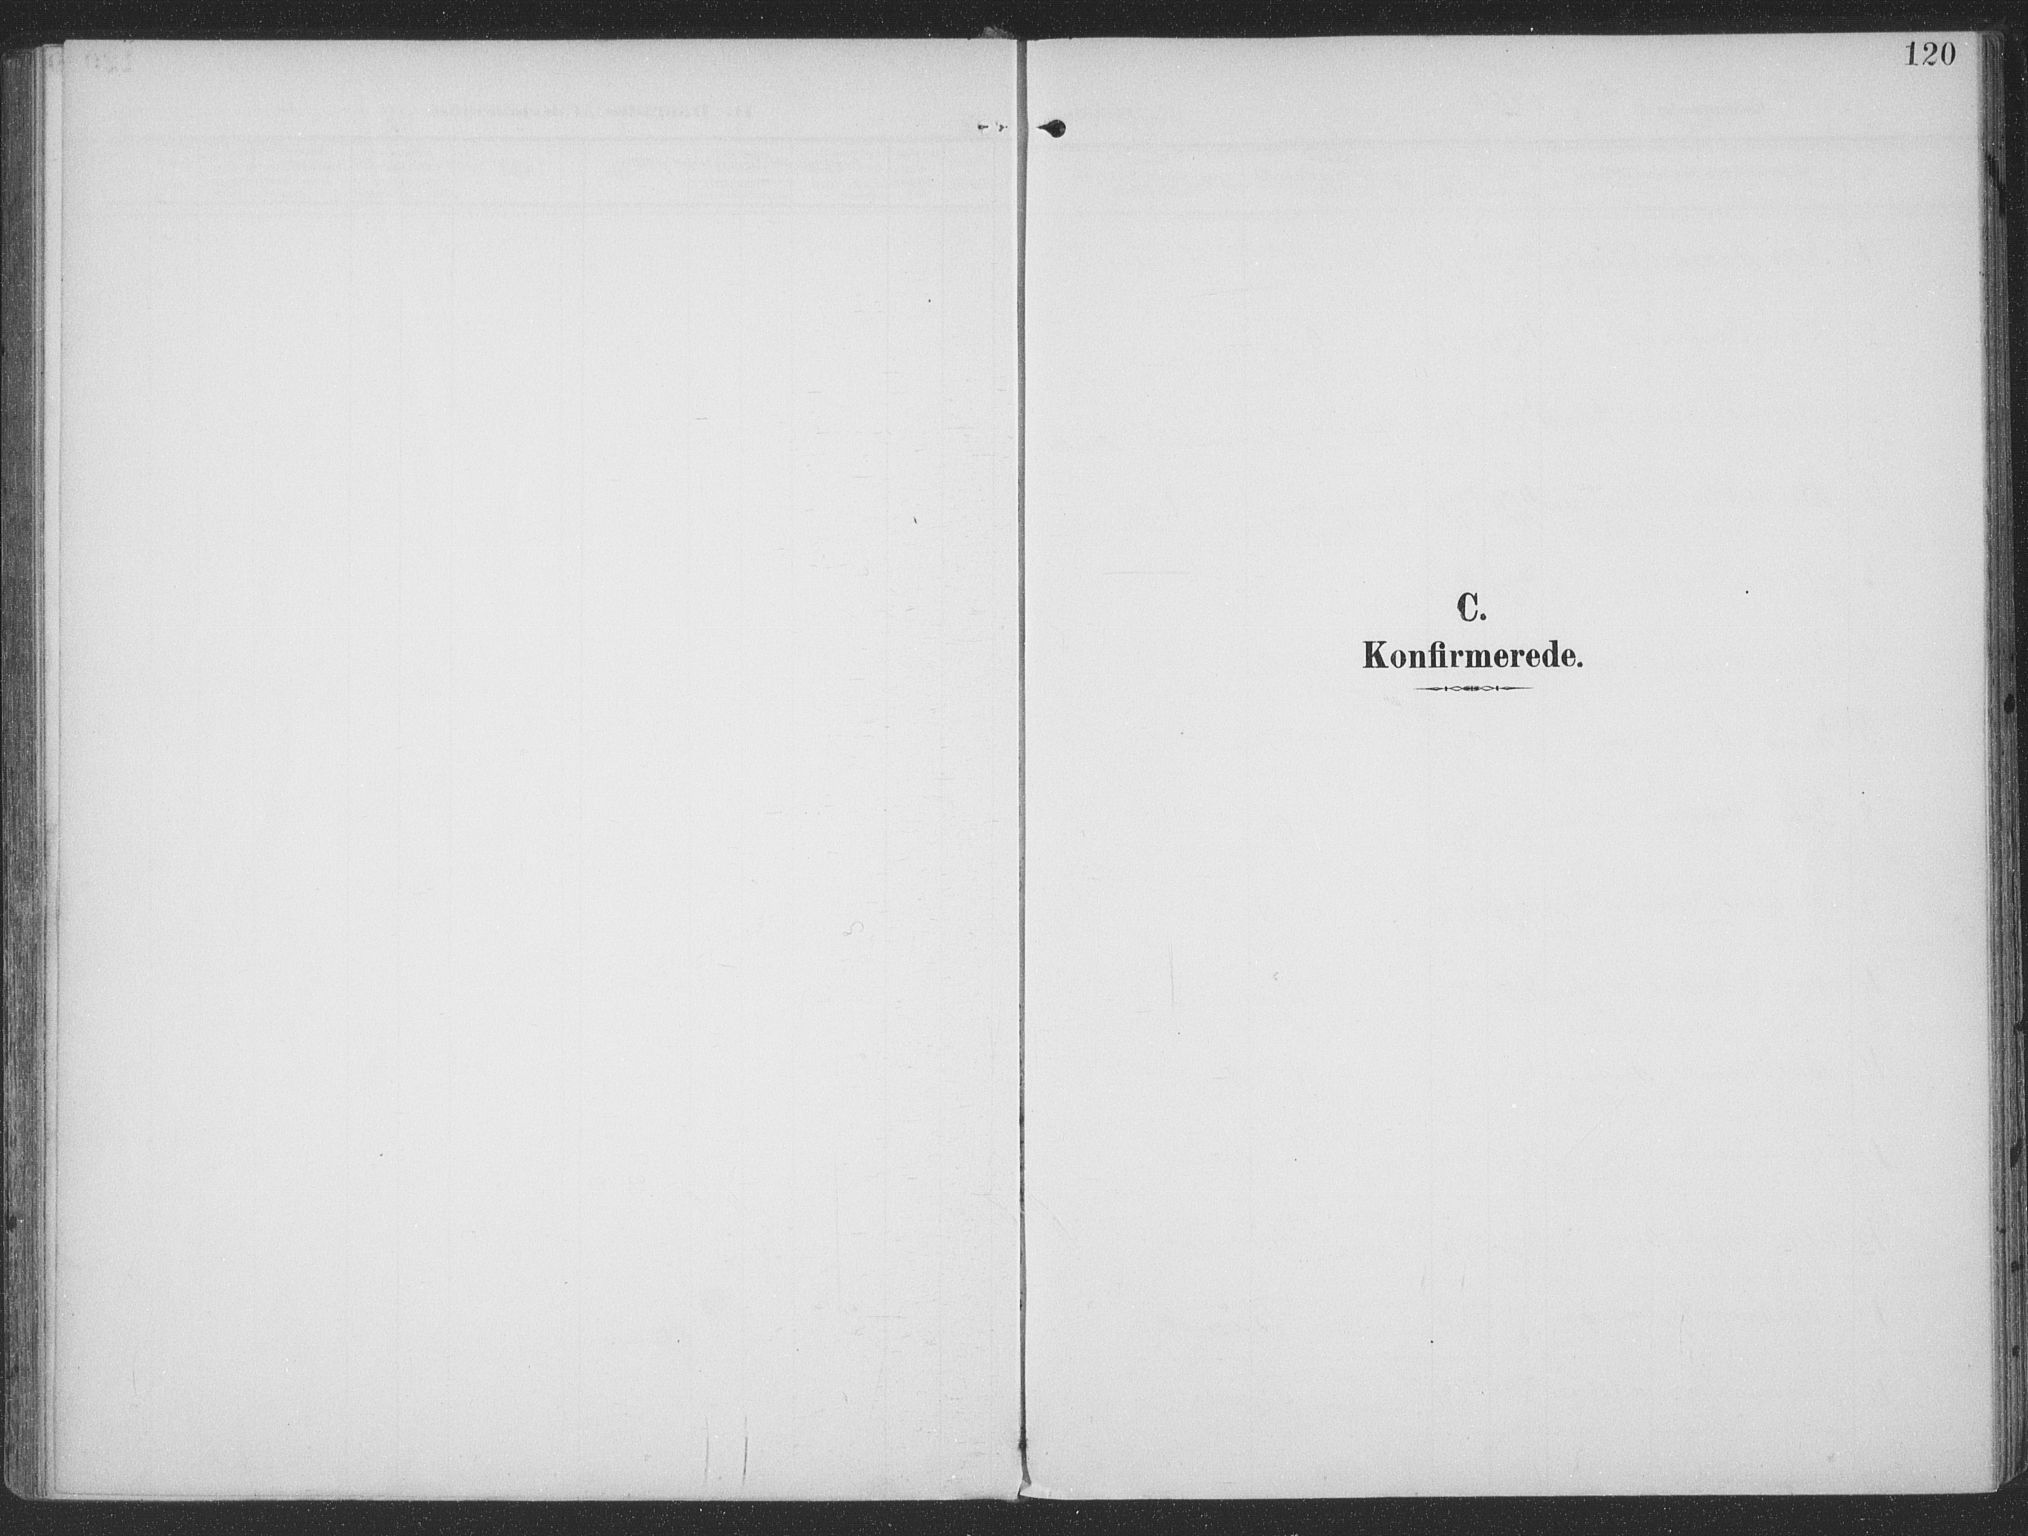 SAT, Ministerialprotokoller, klokkerbøker og fødselsregistre - Møre og Romsdal, 513/L0178: Parish register (official) no. 513A05, 1906-1919, p. 120